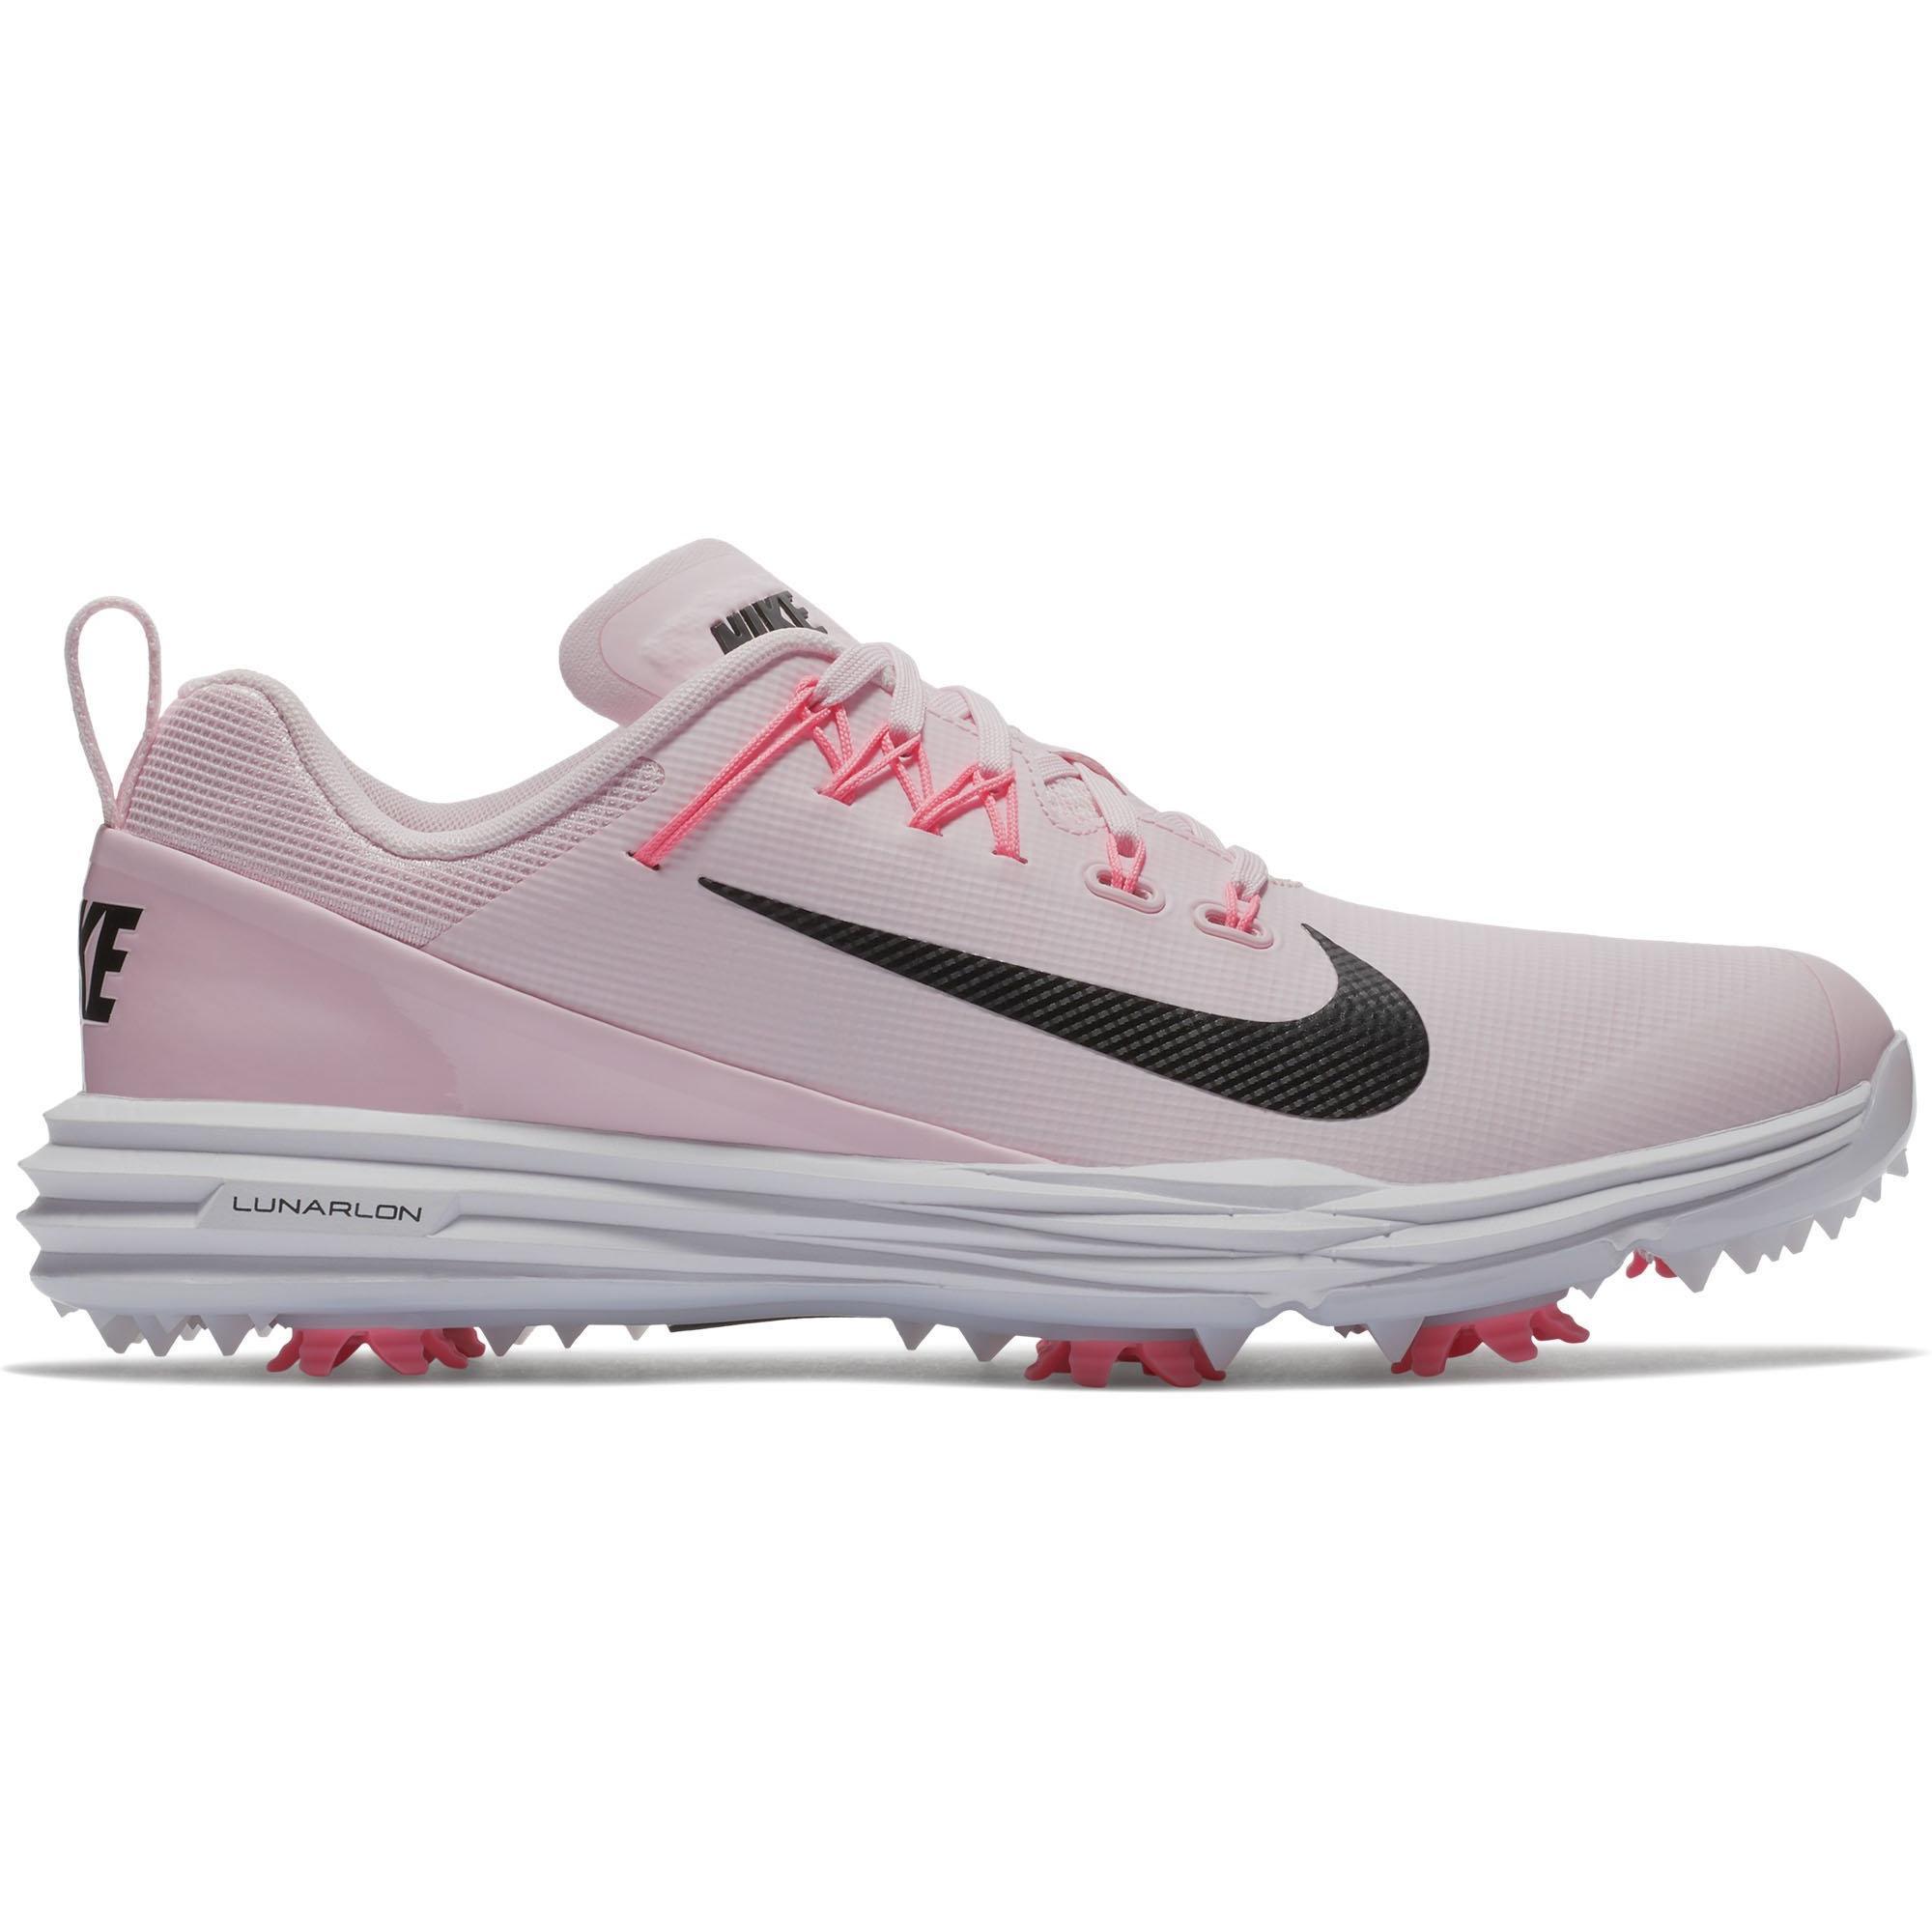 Women's Lunar Command 2 Spiked Golf Shoe - Pink